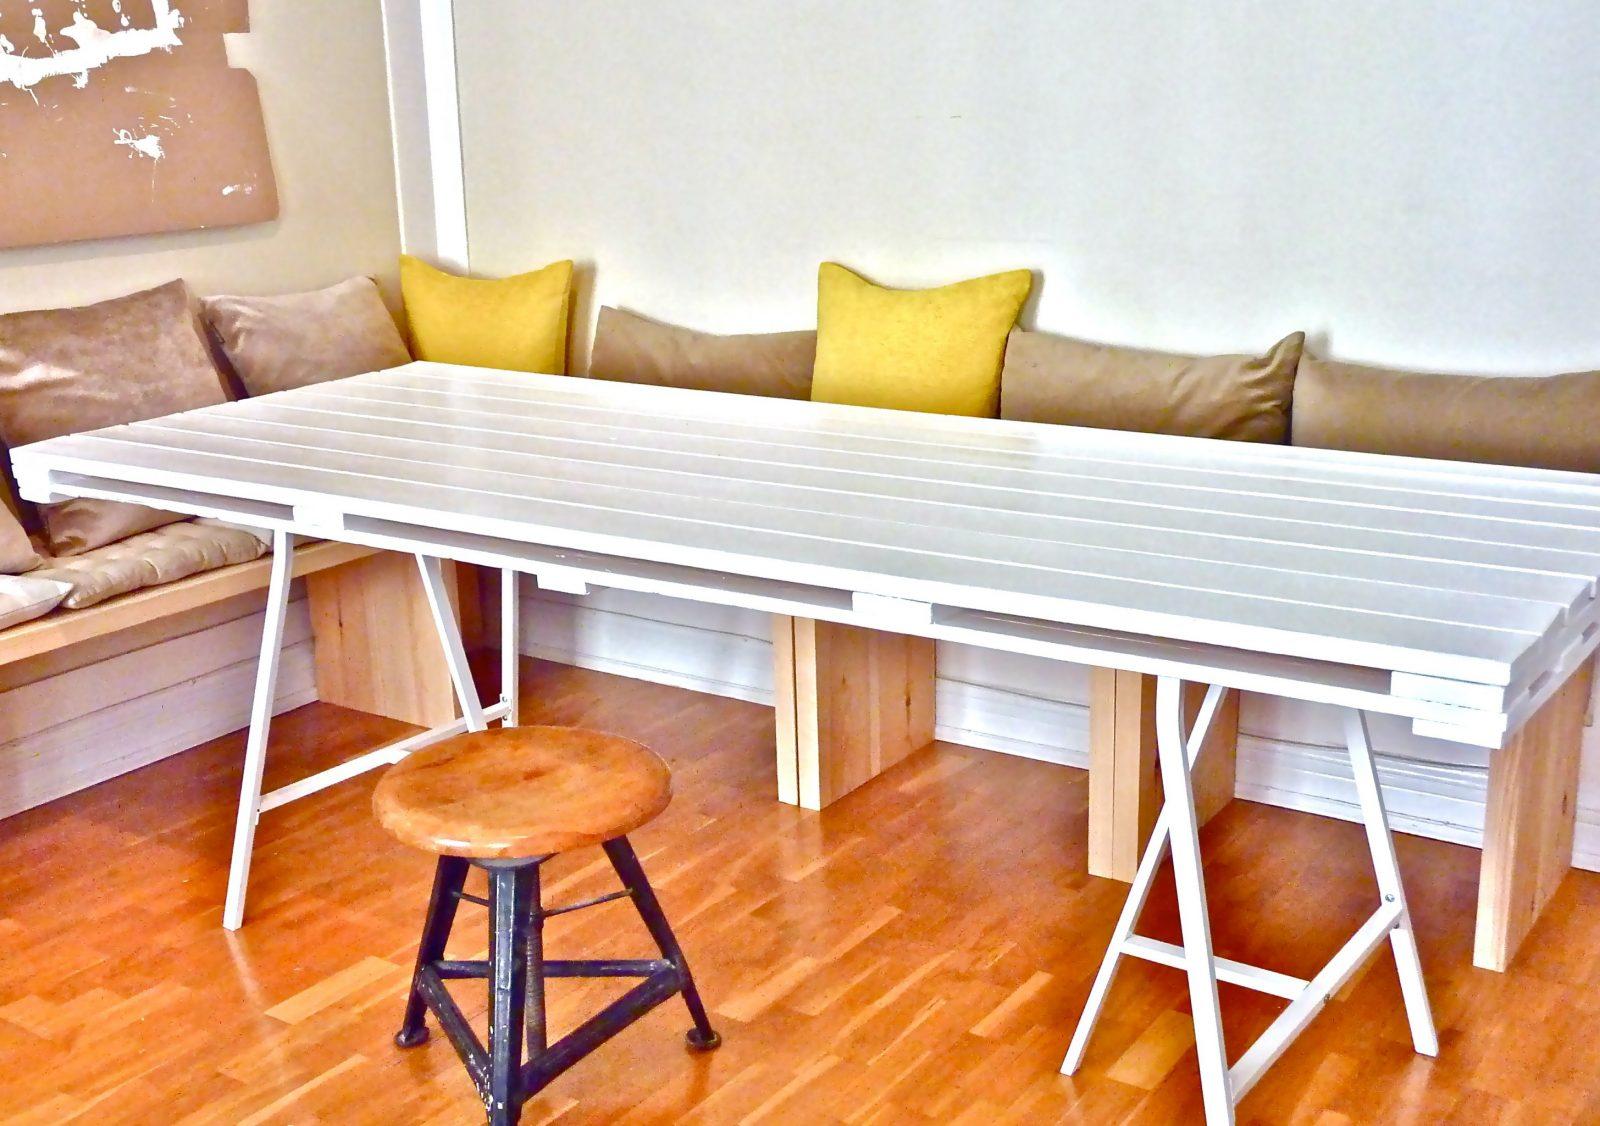 Ideen Für Esstisch Aus Europaletten  Möbel Aus Paletten  Freshouse von Esstisch Aus Paletten Selber Bauen Anleitung Bild